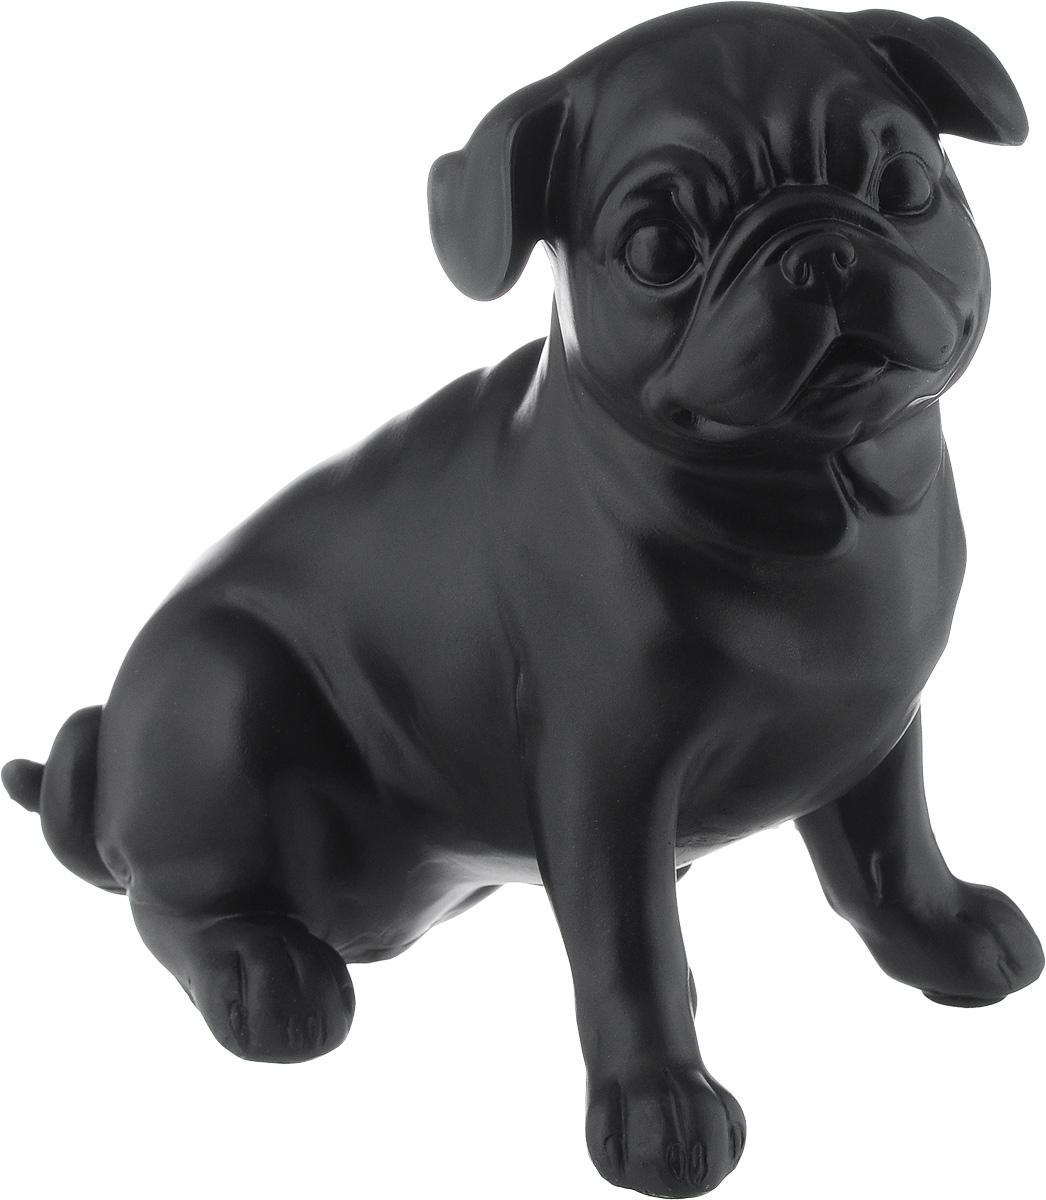 Фигурка декоративная Magic Home Мопс, 19,3 х 12 х 18,5 смUP210DFДекоративная фигурка Magic Home Мопс изготовлена из полирезина. Изделие выполнено в виде собаки.Вы можете поставить фигурку в любом месте, где она будет удачно смотреться и радовать глаз. Сувенир отлично подойдет в качестве подарка близким или друзьям.